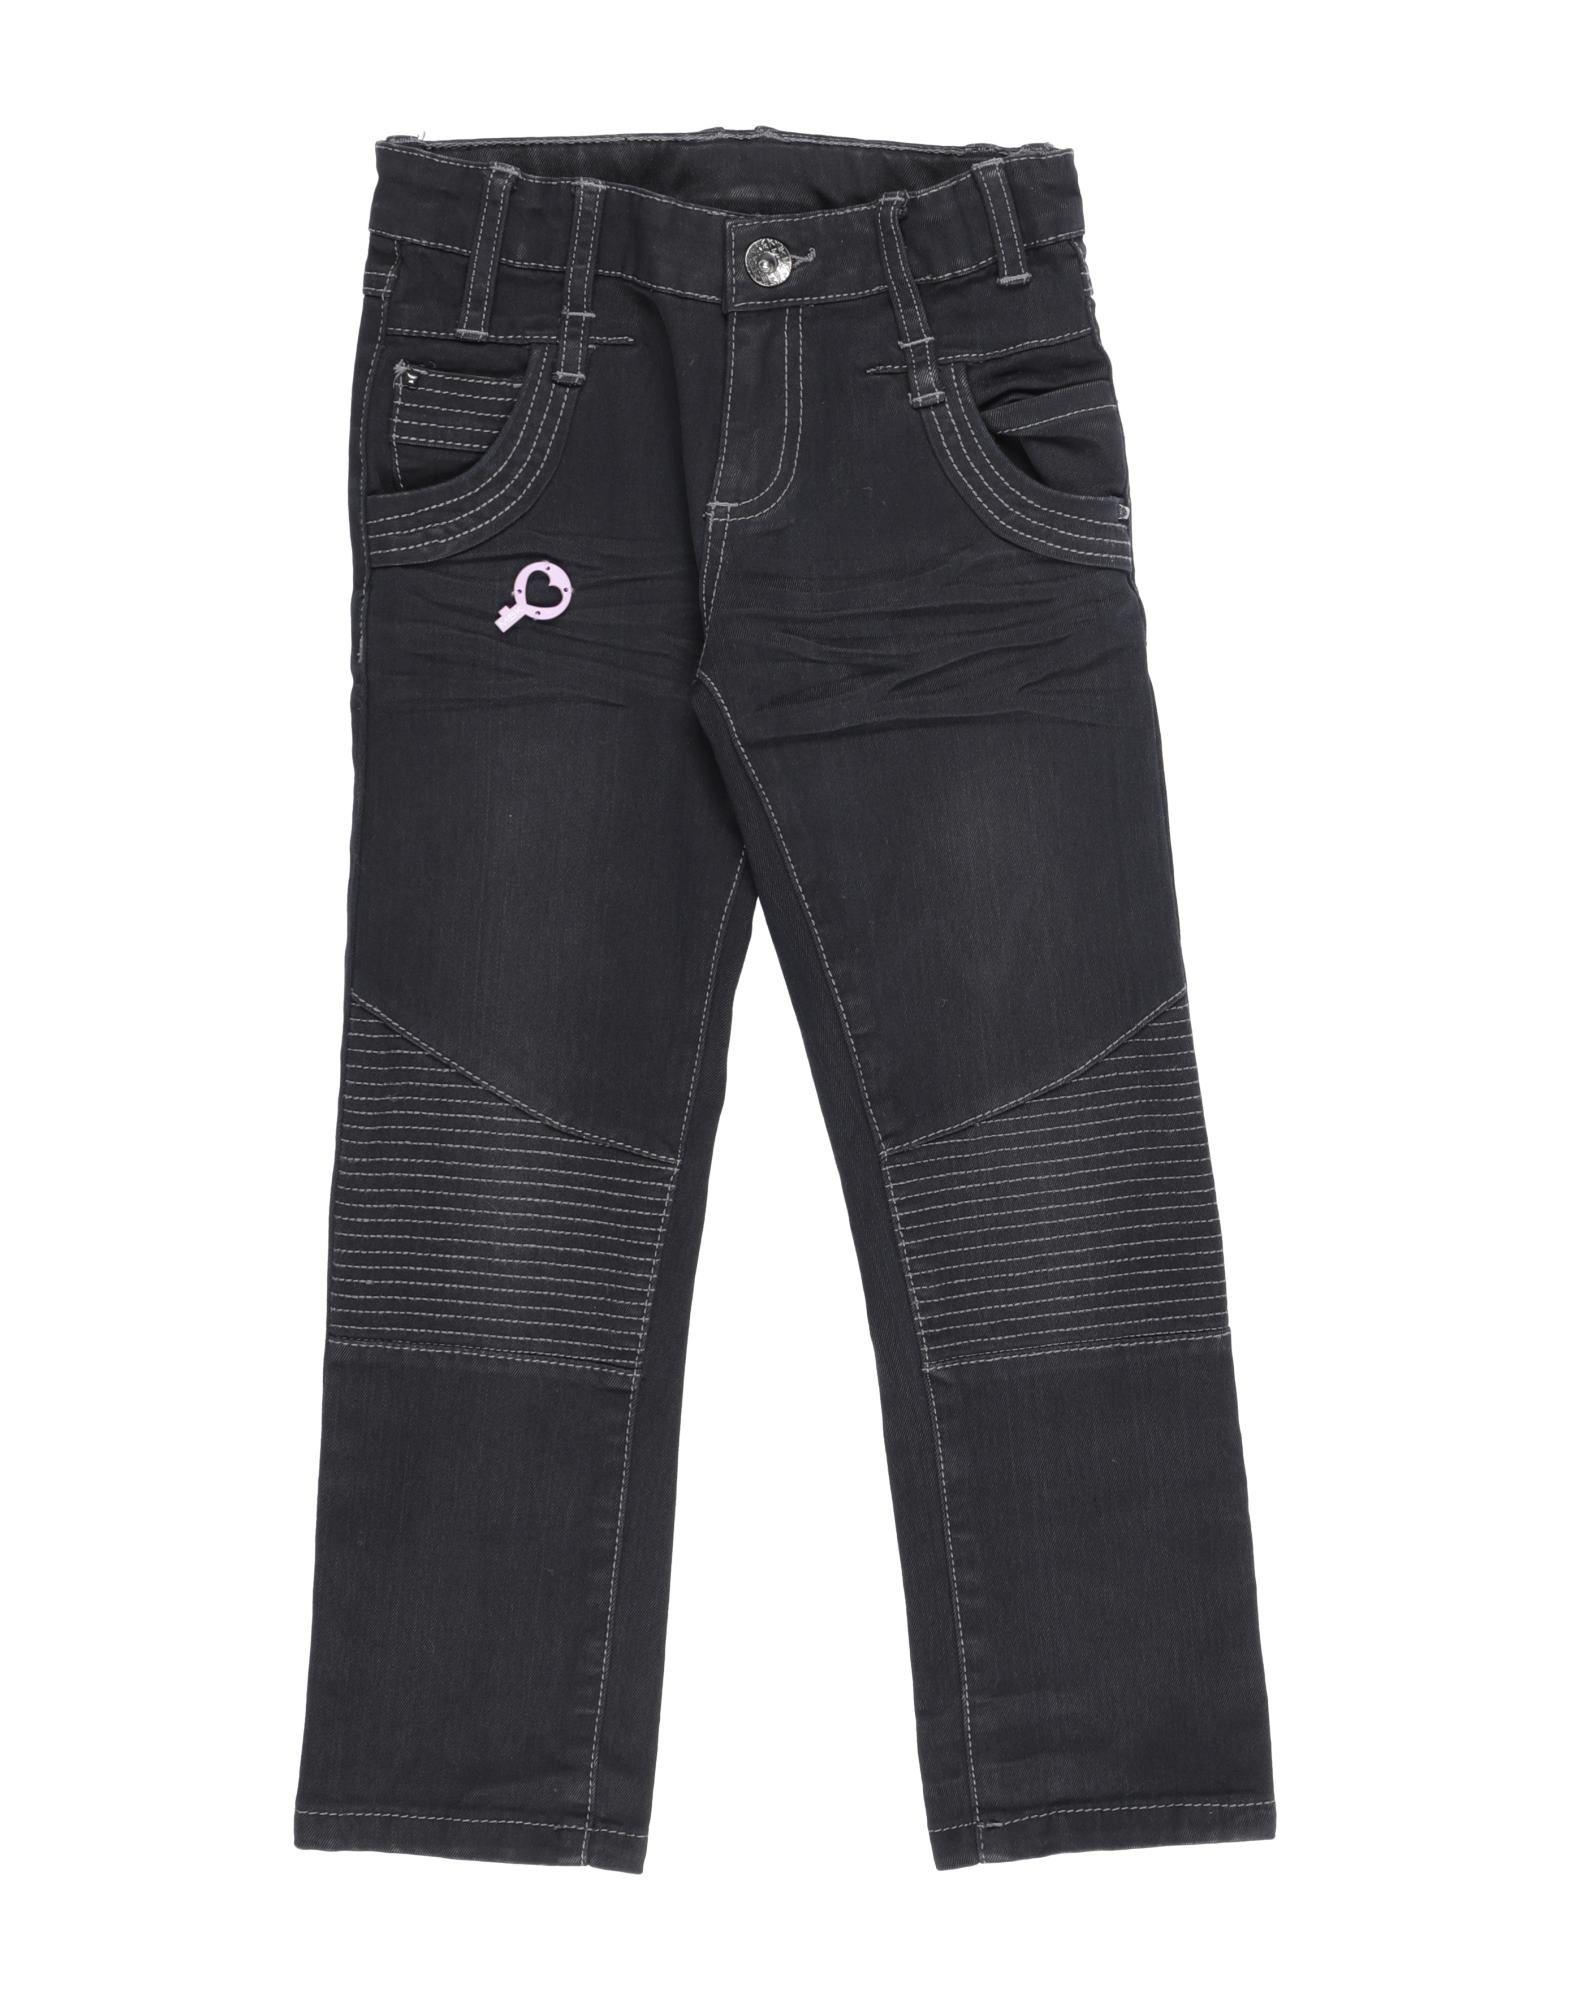 M9k Kids' Casual Pants In Black